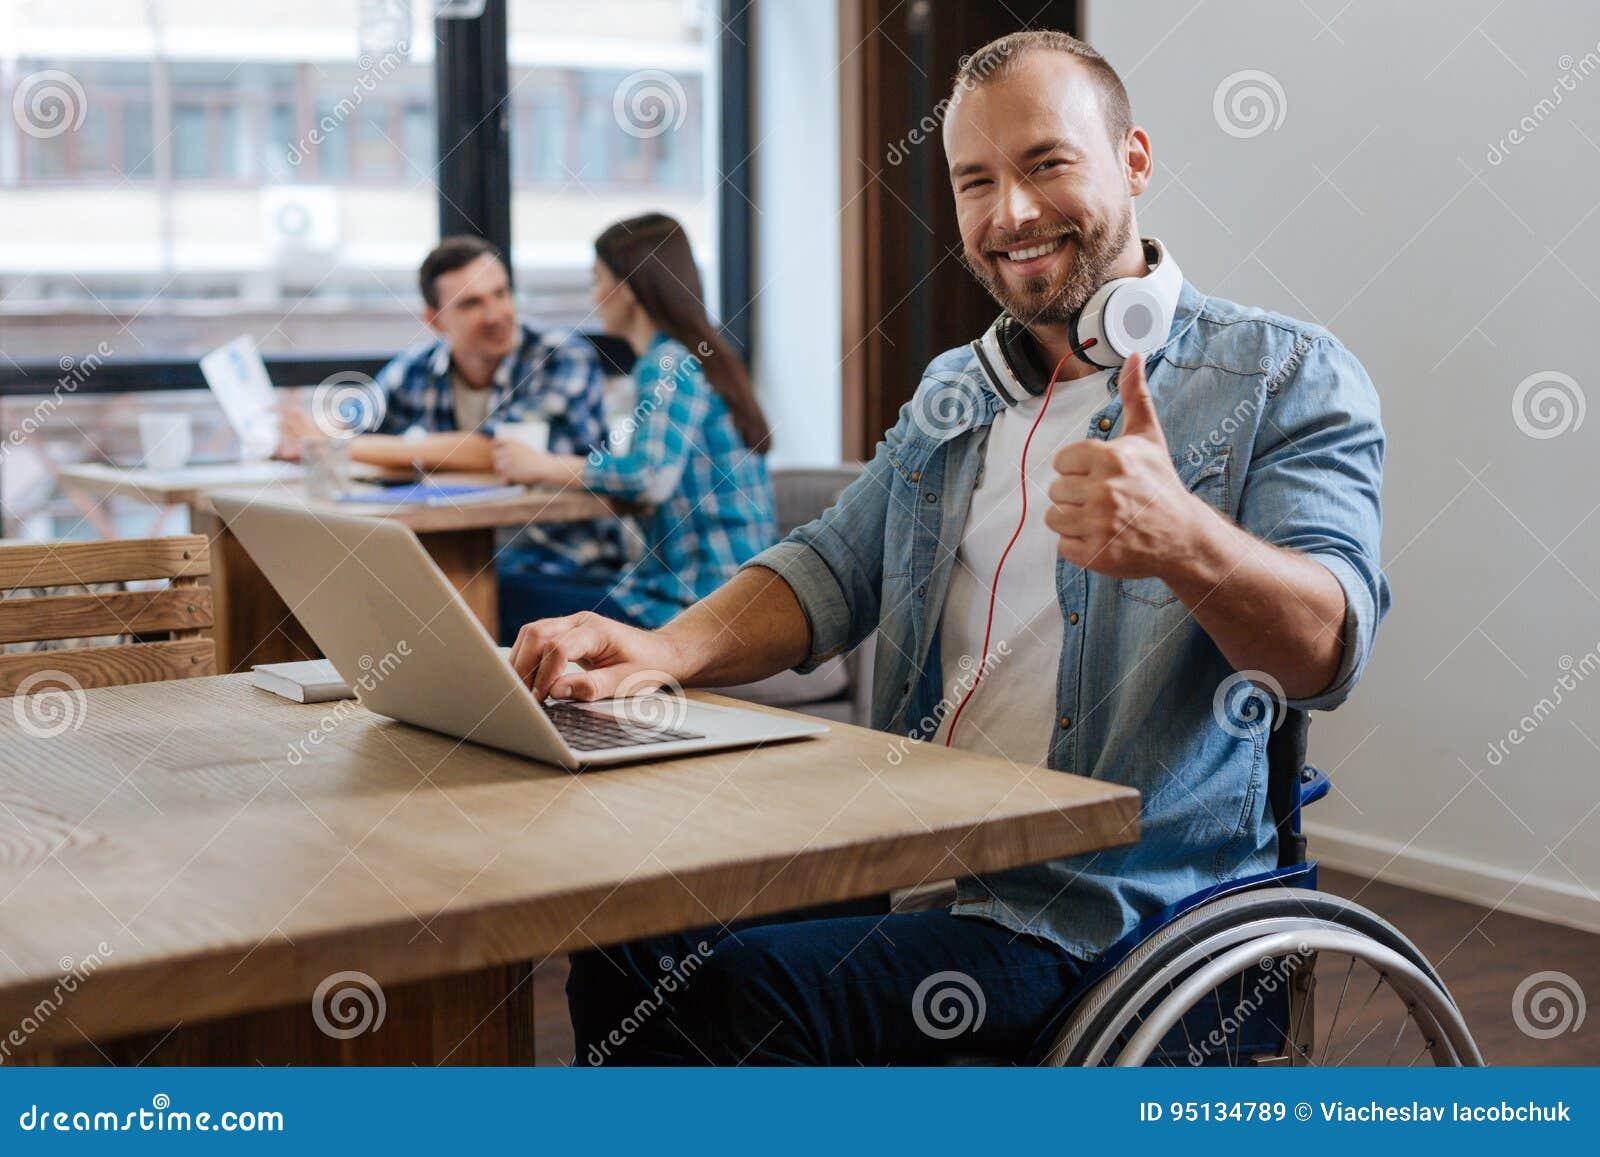 Étudiant productif intrigué visitant le nouvel espace de travail